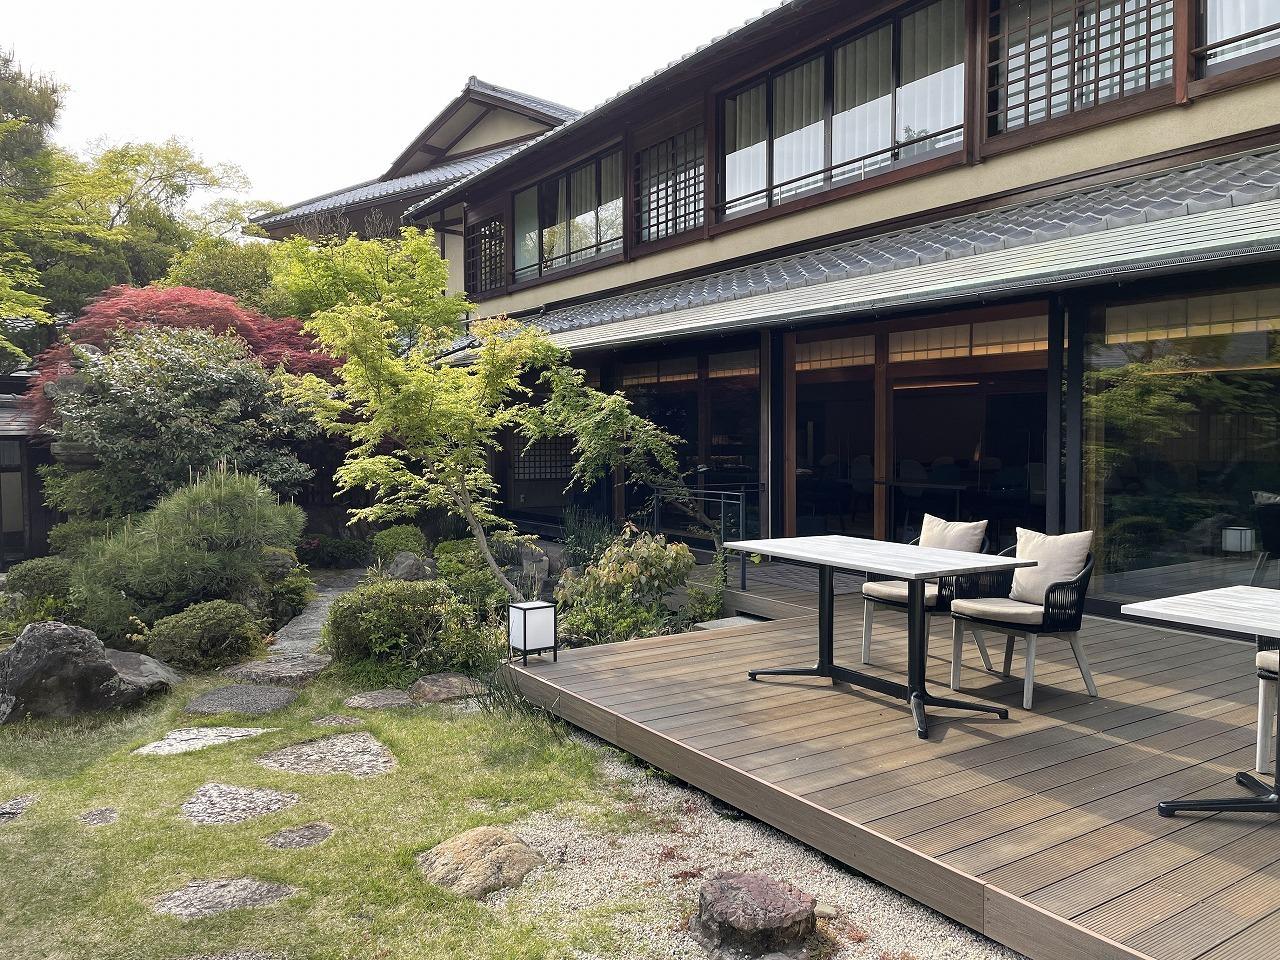 日本の庭園を楽しみながらアフタヌーンティー。_1_3